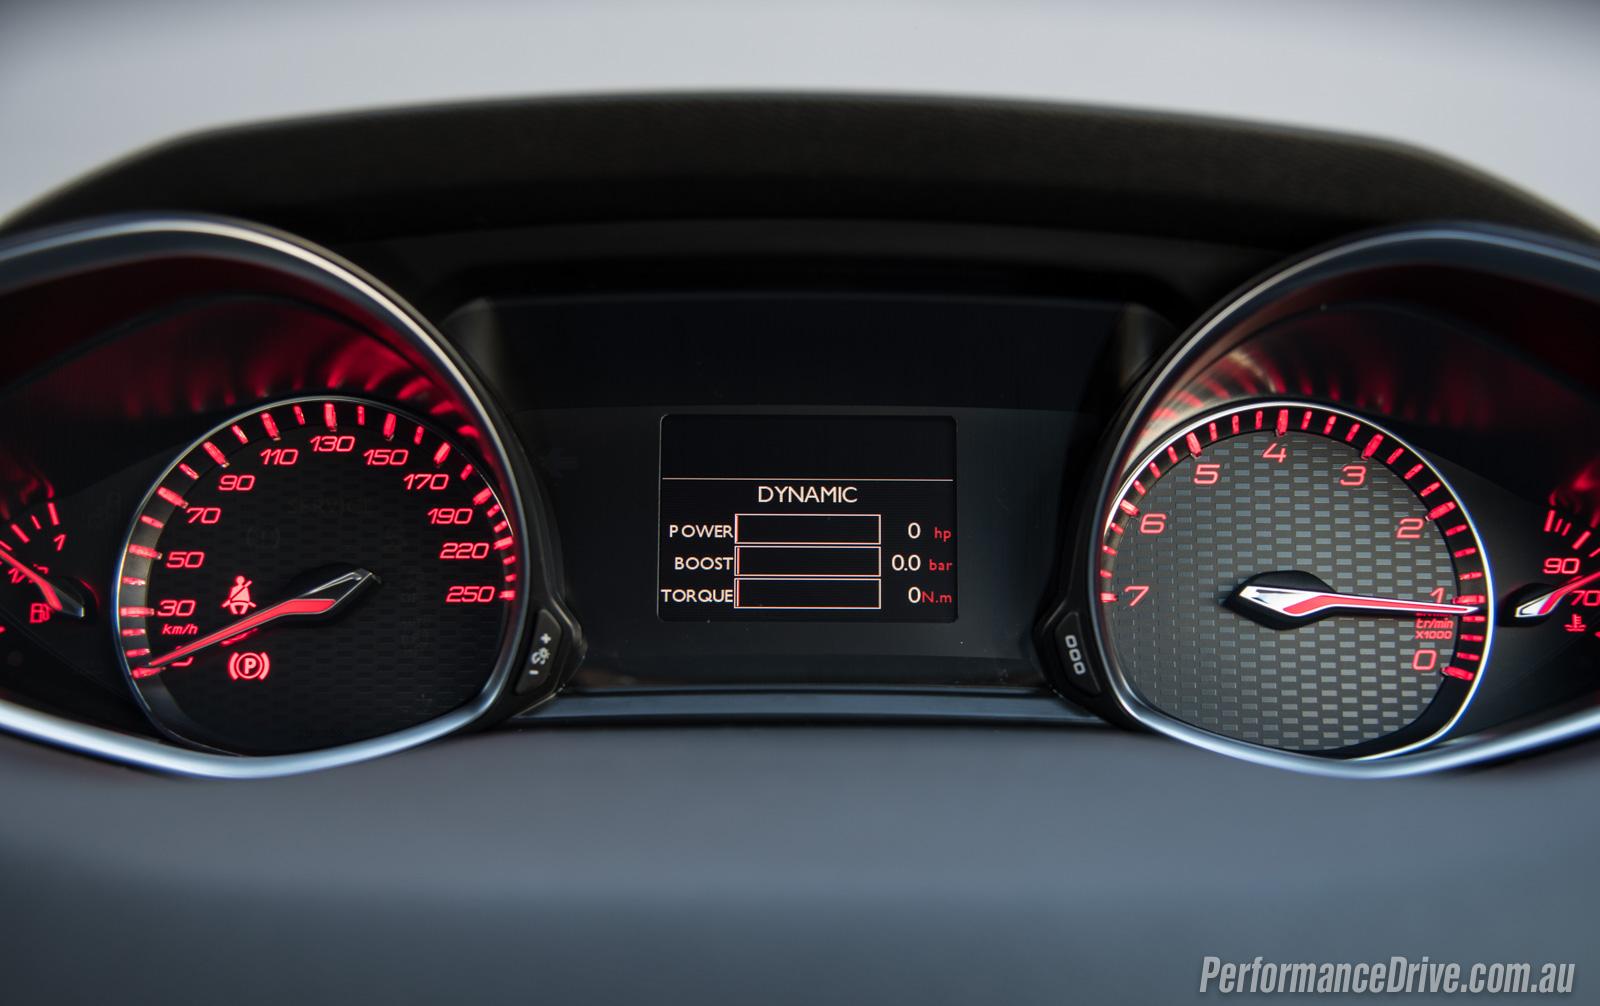 2016 Peugeot 308 Gti 270 Review Video Performancedrive